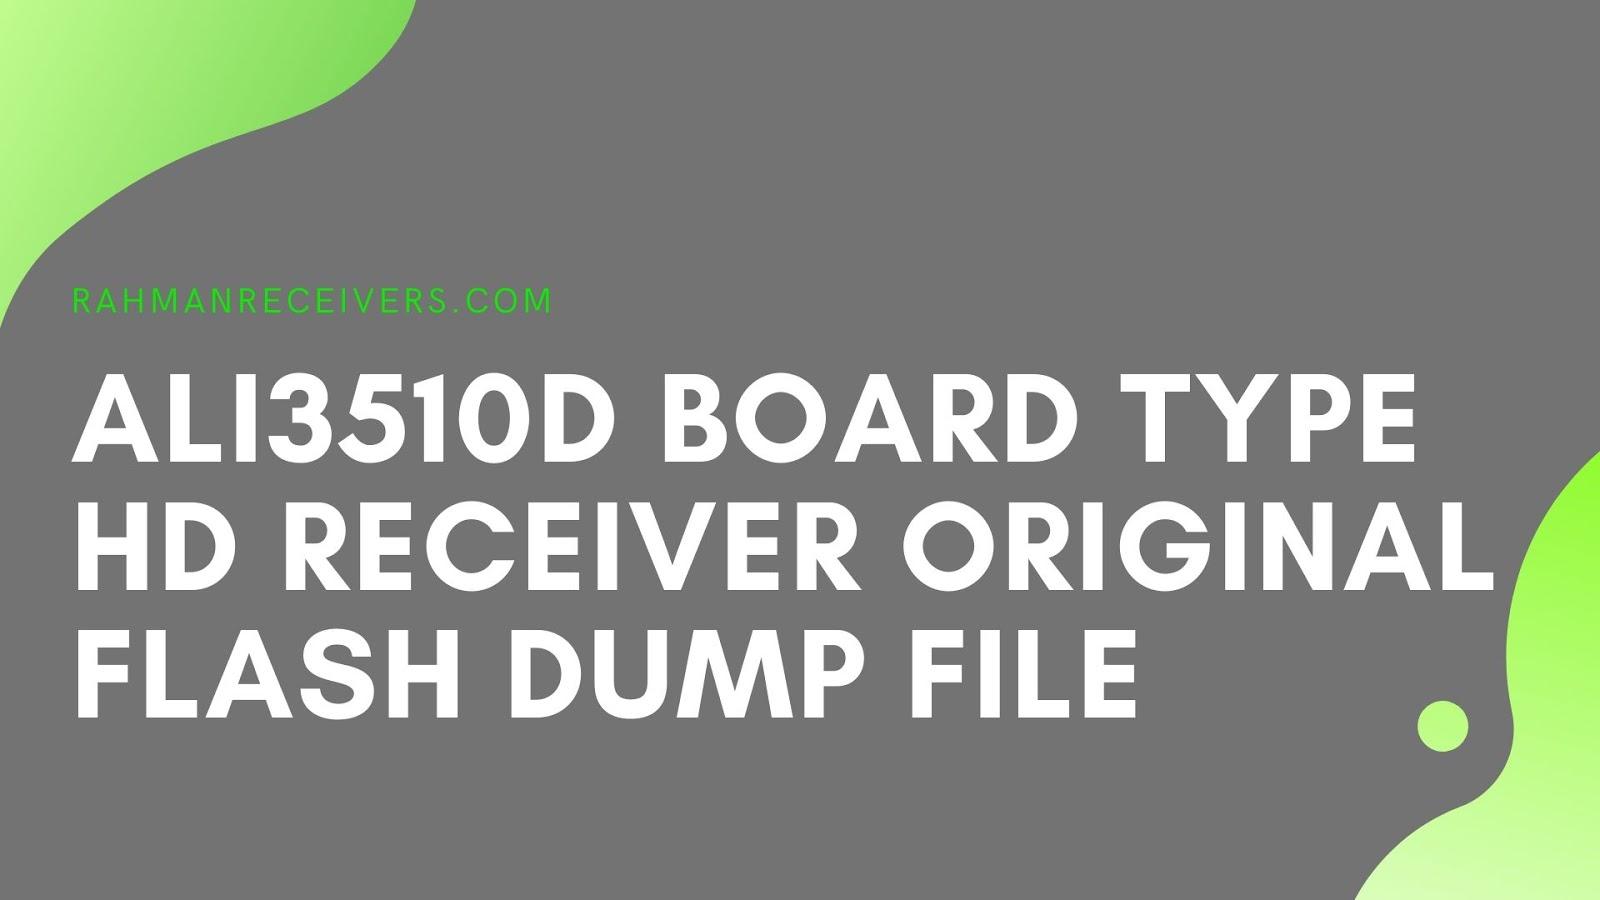 ALI3510D BOARD TYPE HD RECEIVER ORIGINAL FLASH DUMP FILE